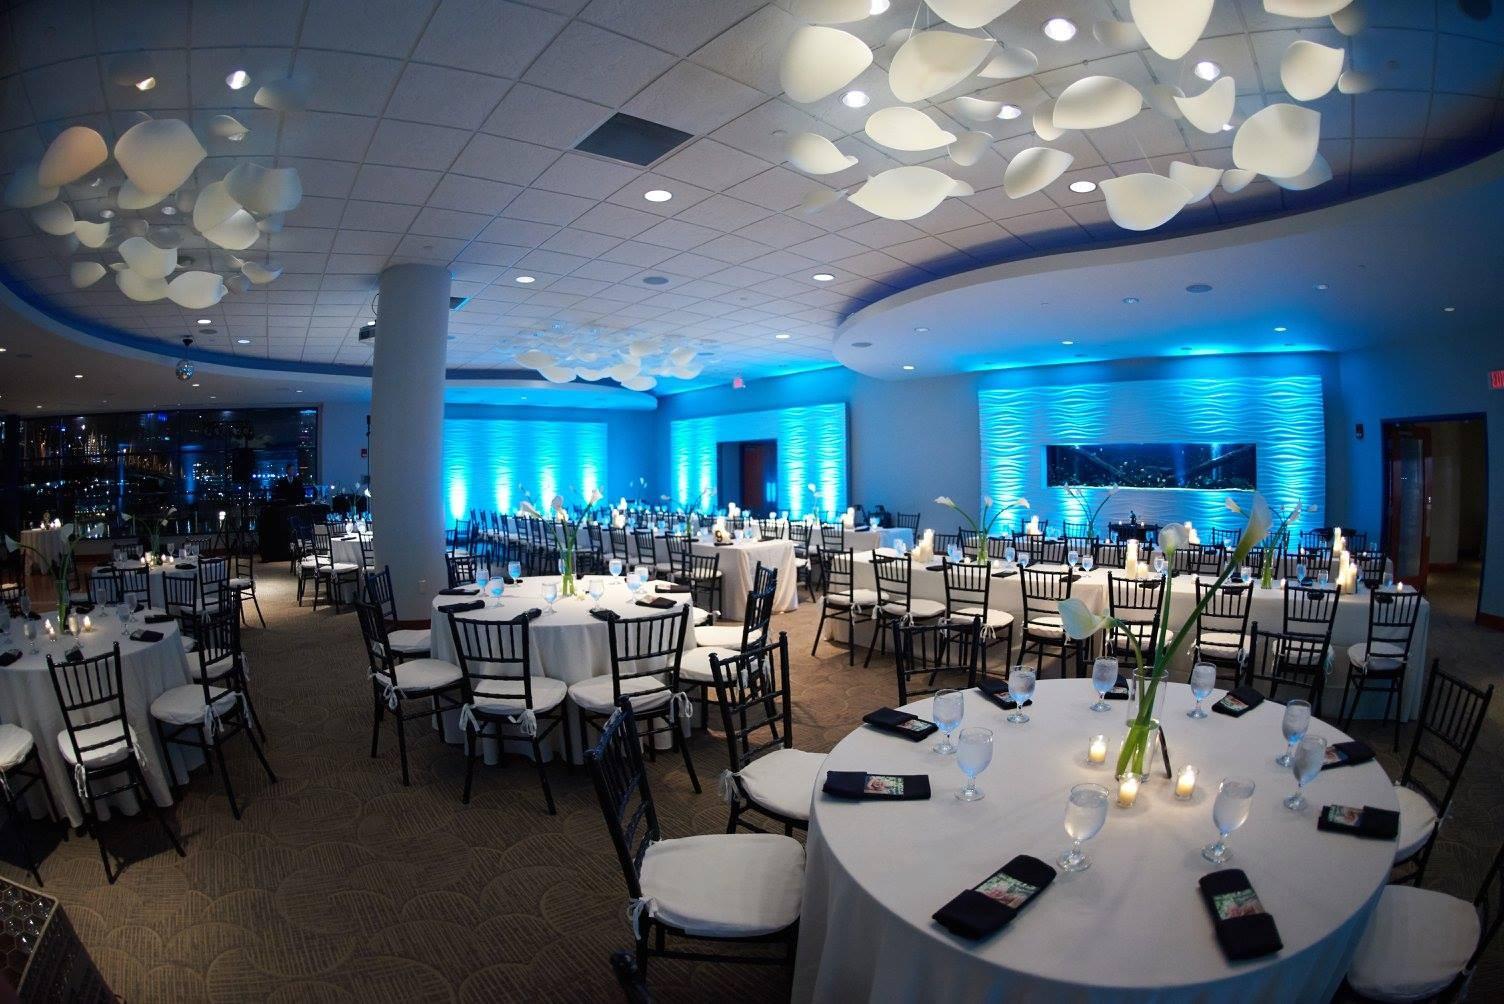 Newport aquarium ky wedding